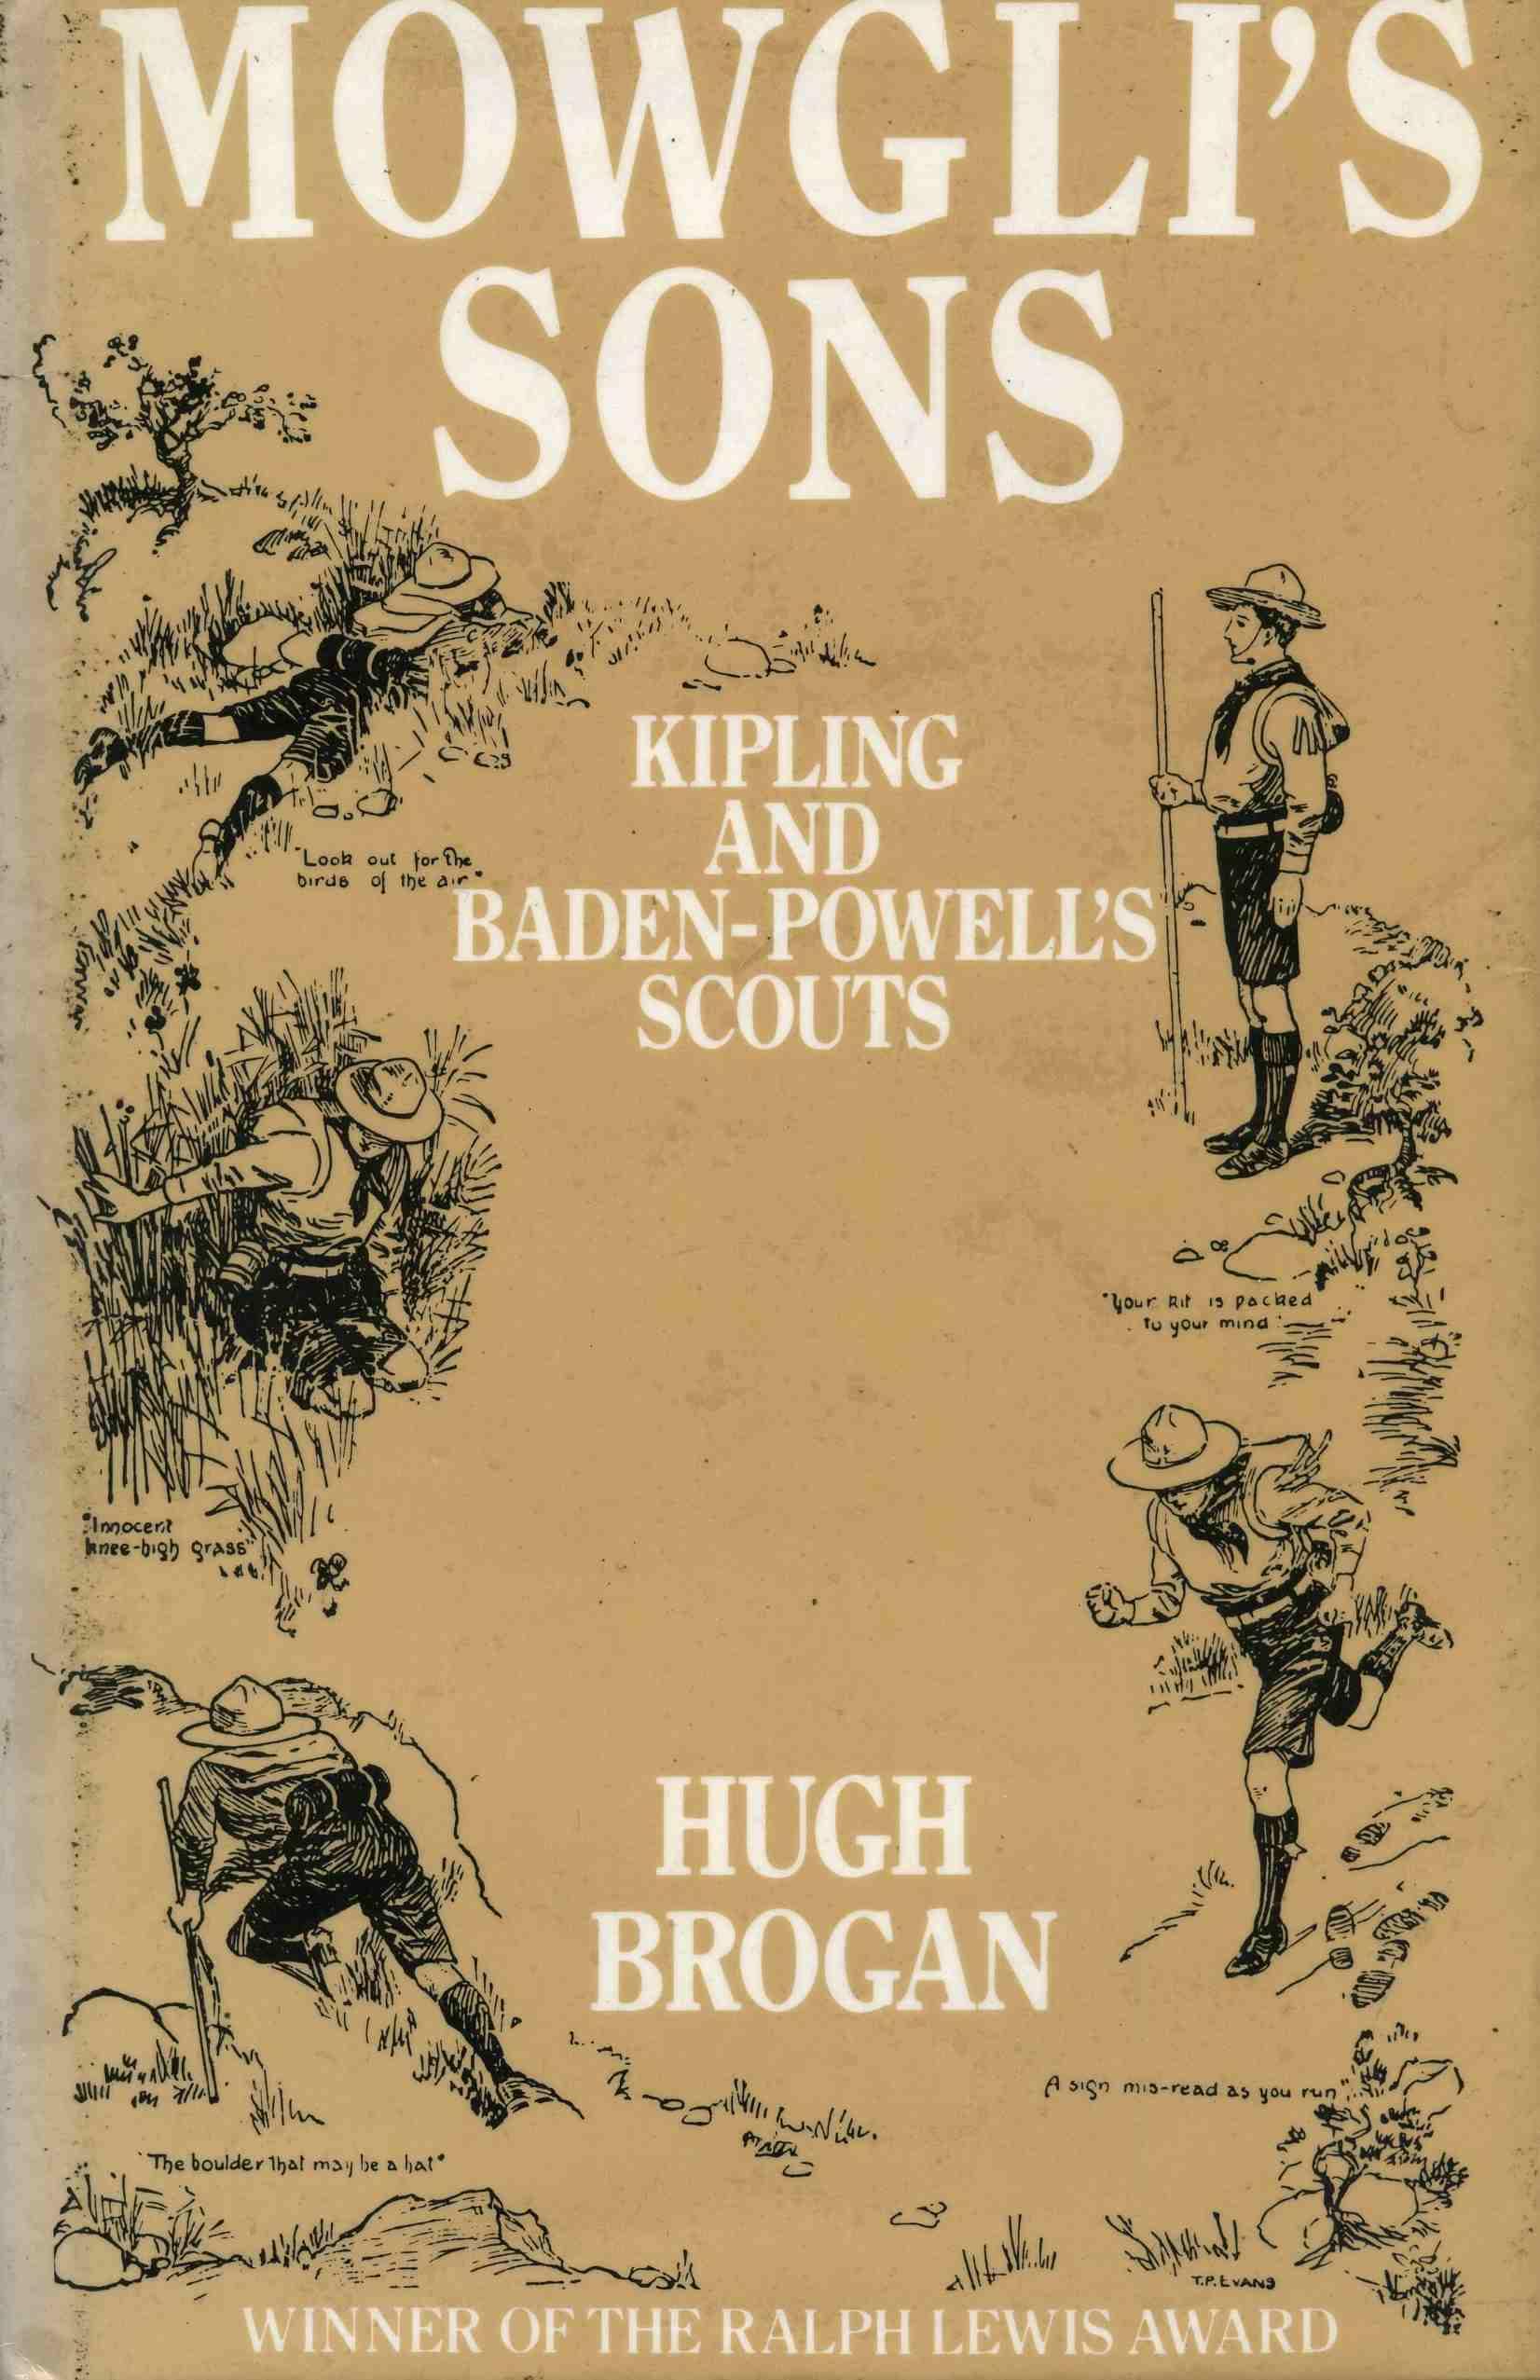 Mowgli's Sons